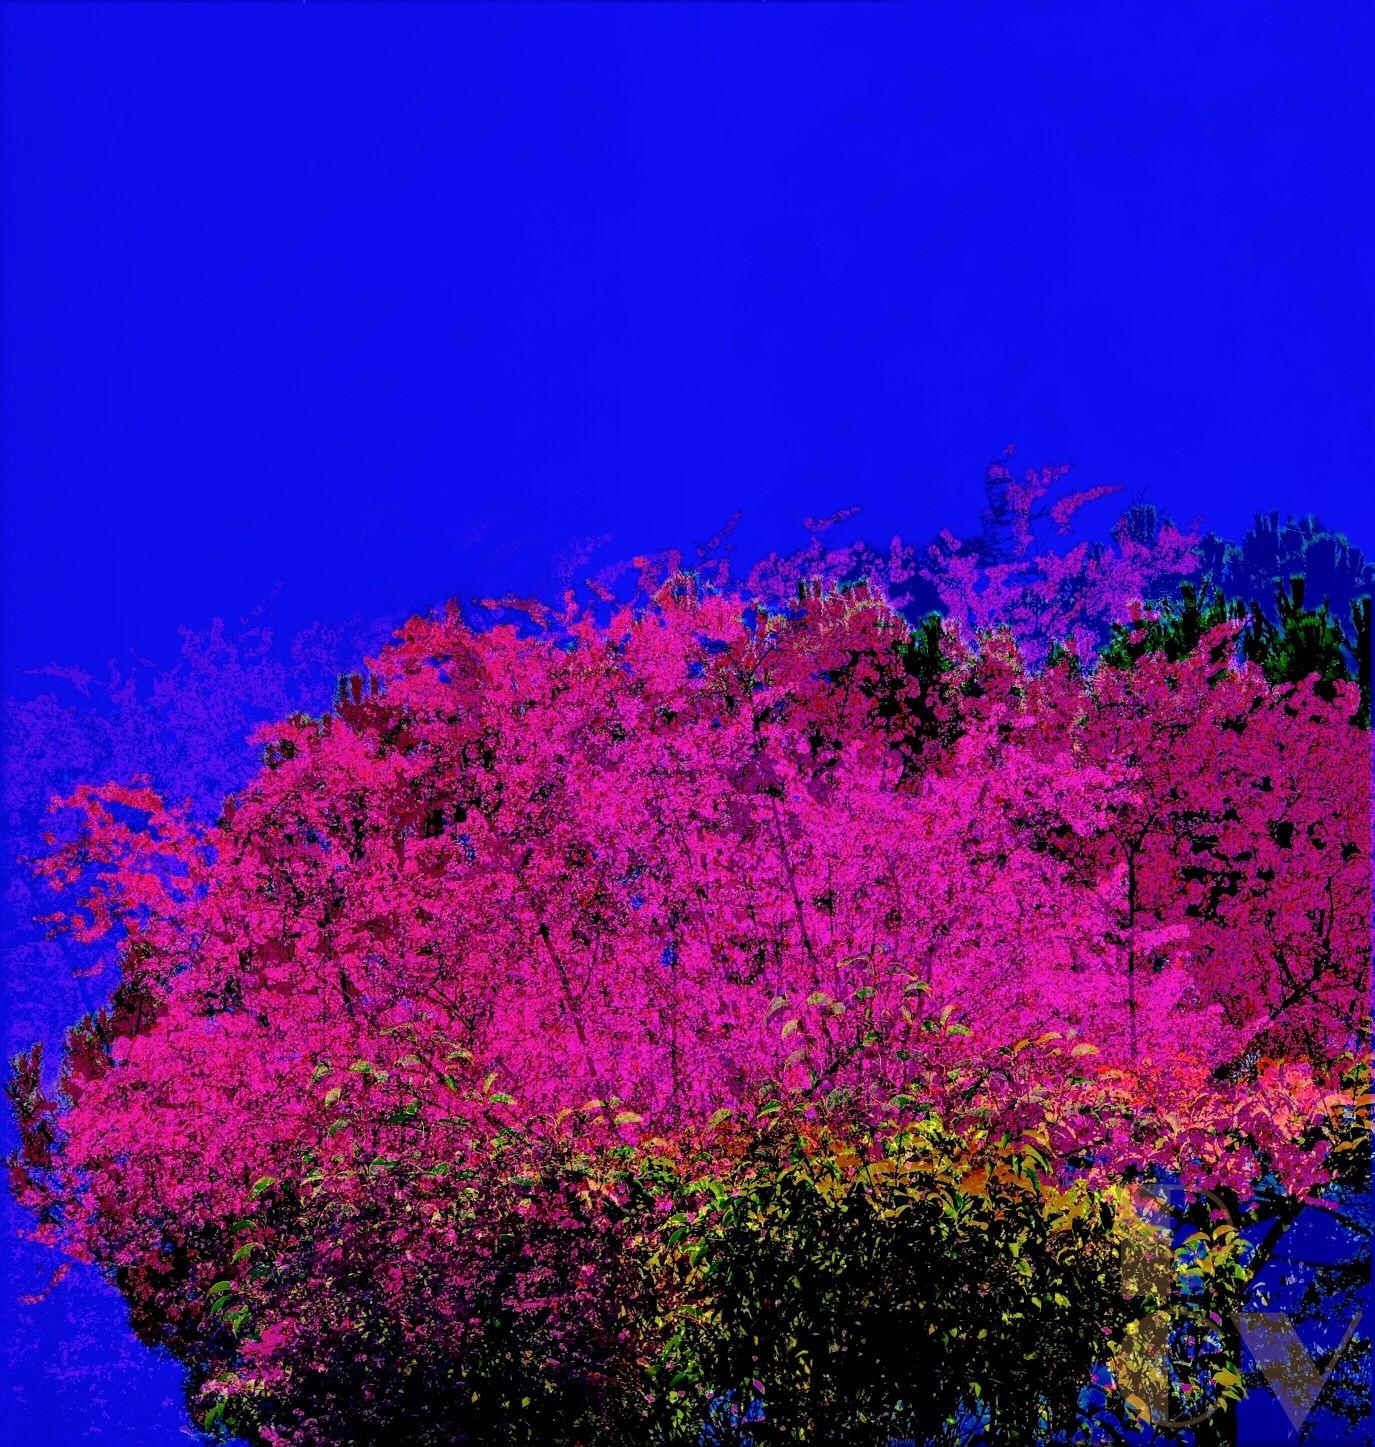 Prunos en Flor 7